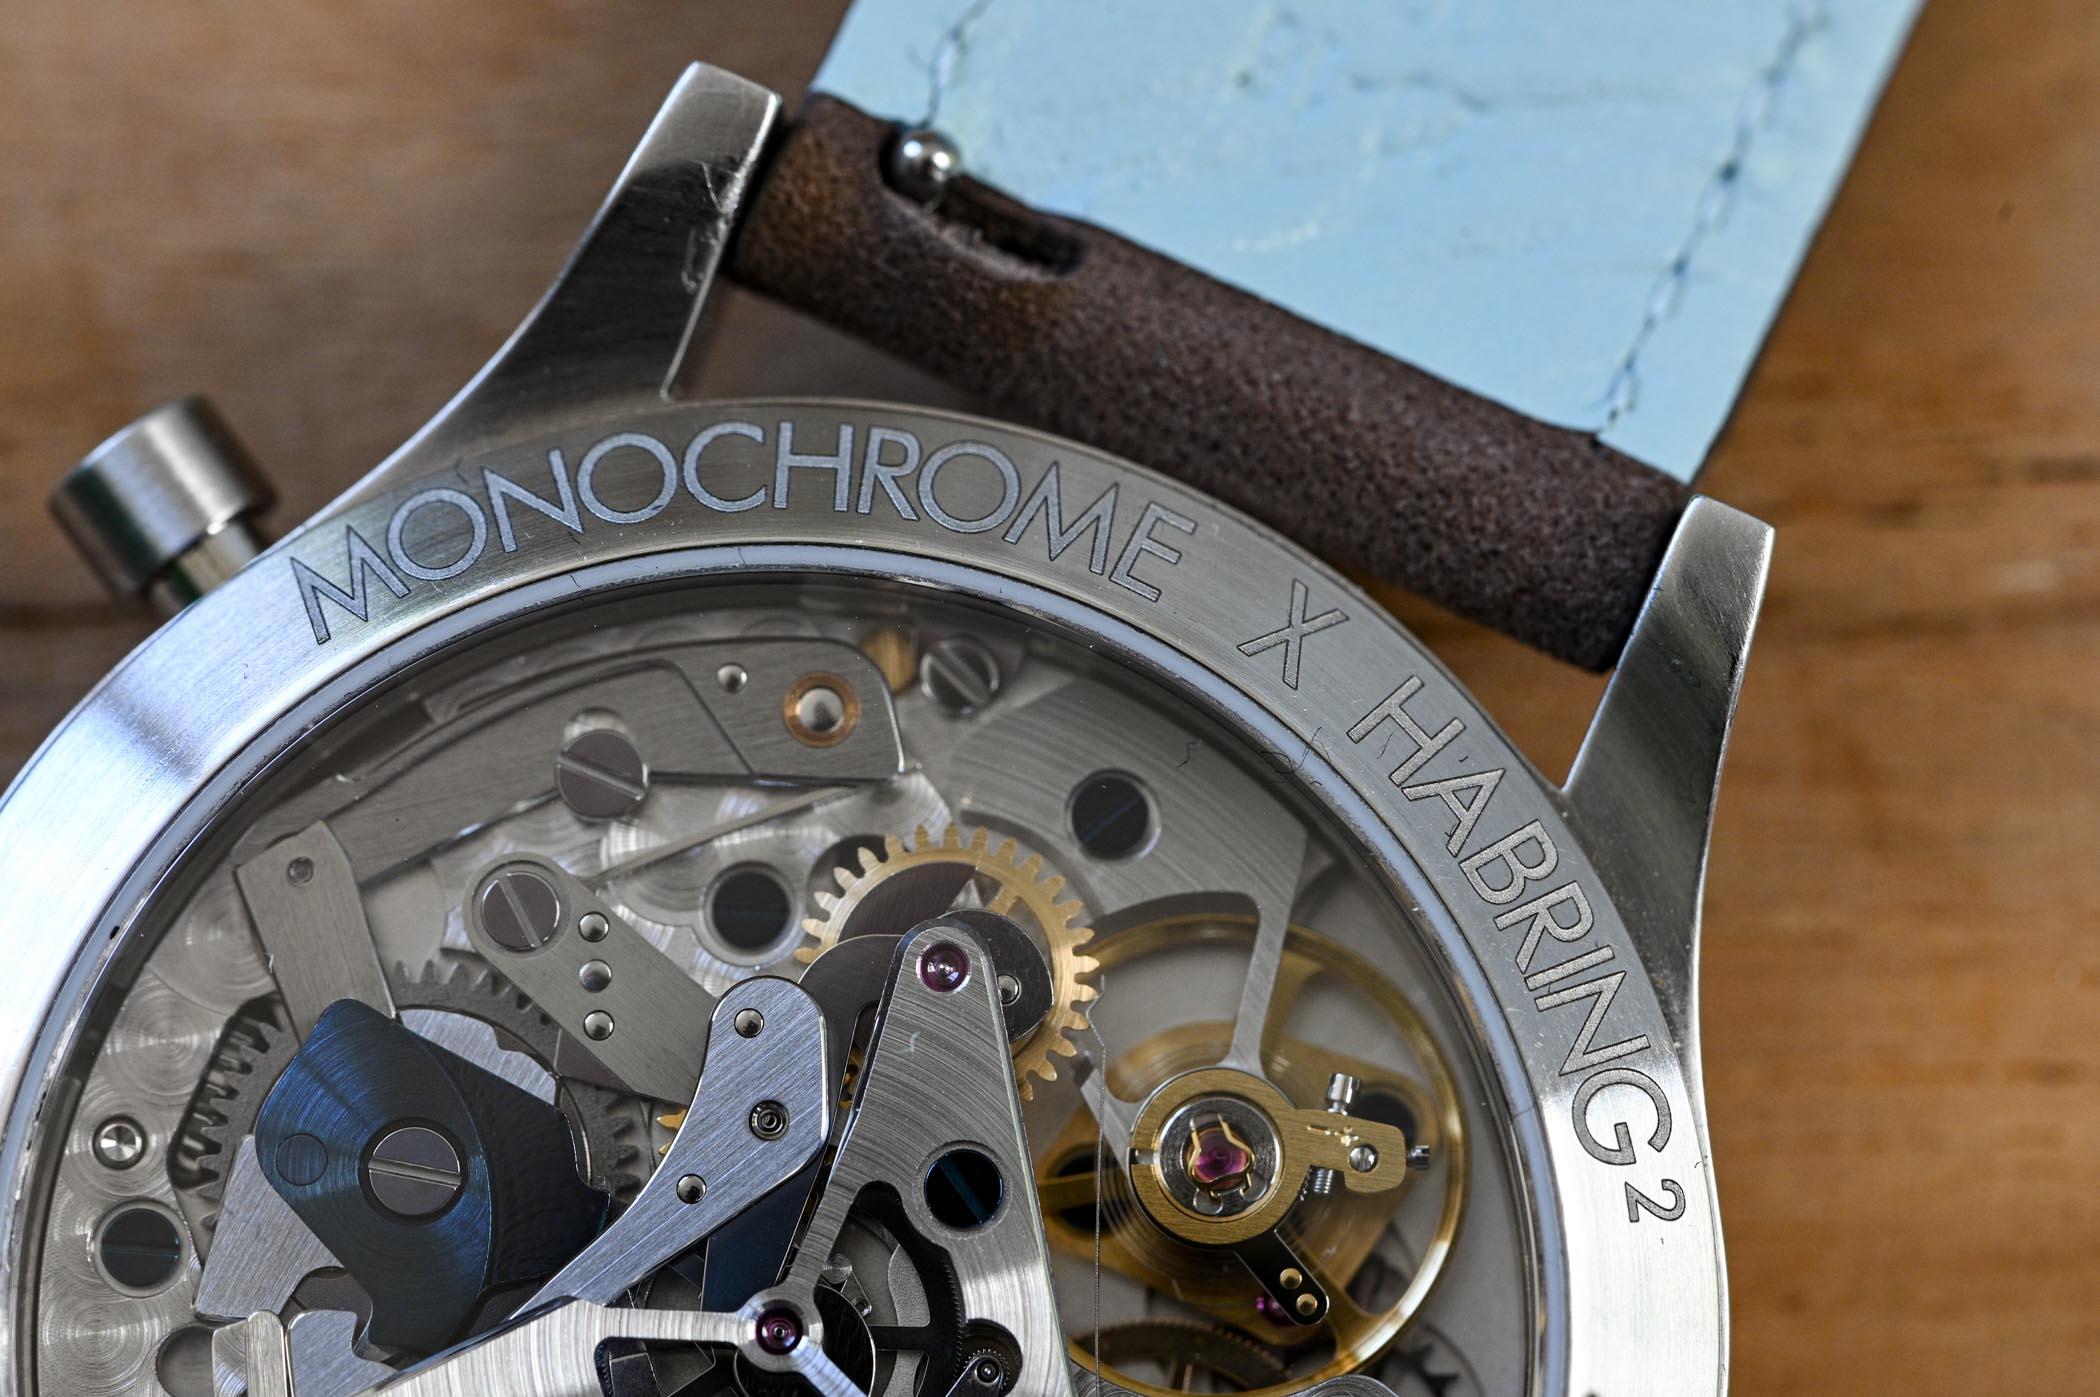 monochrome montre de souscription by habring